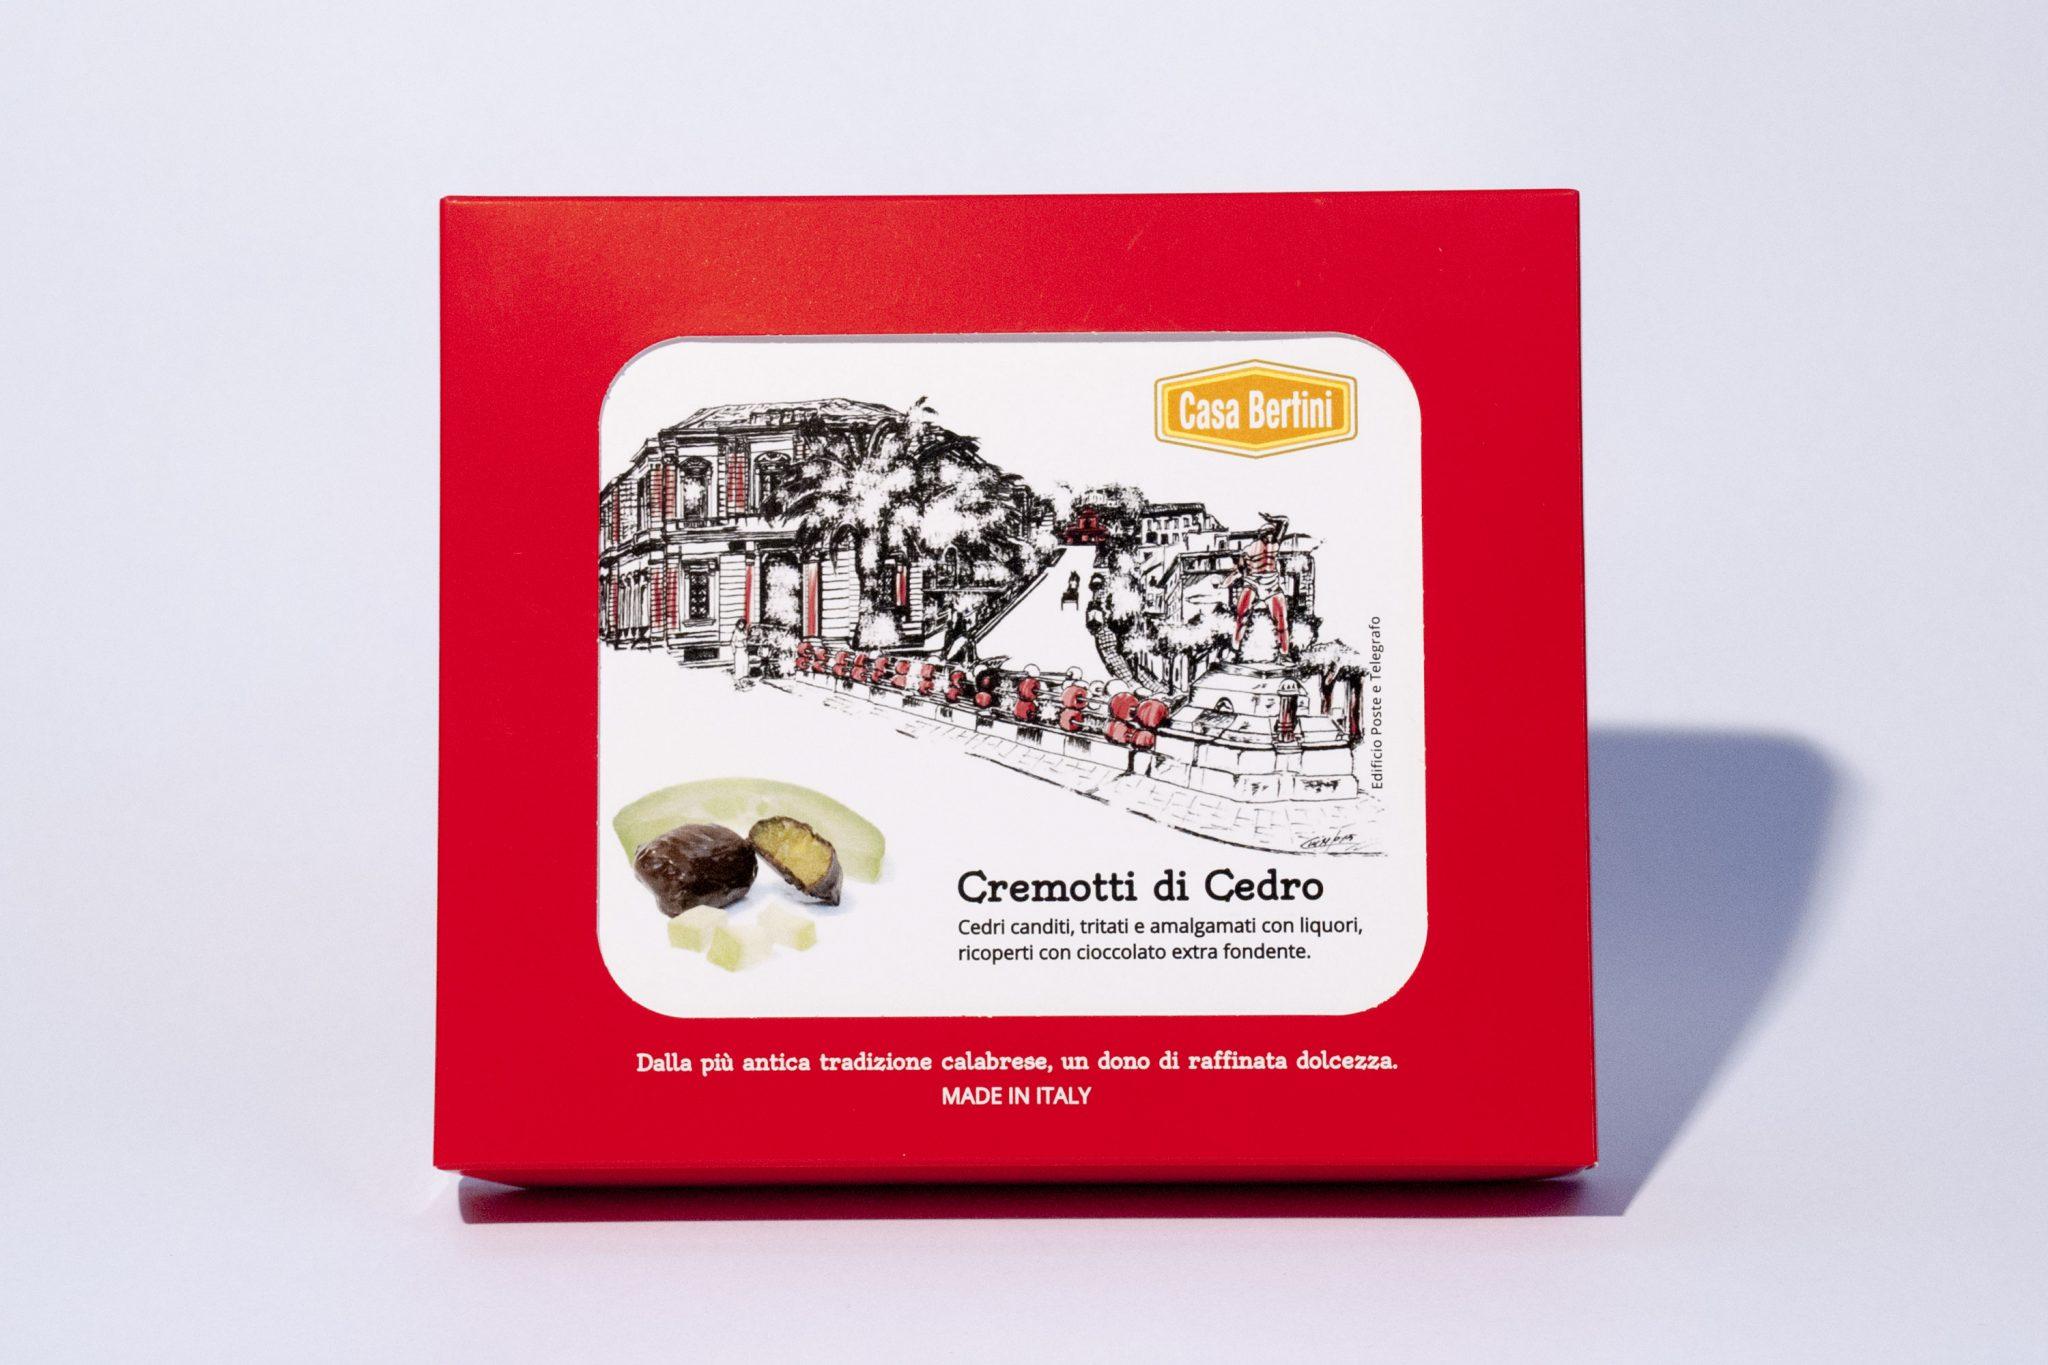 cremotti_cedro